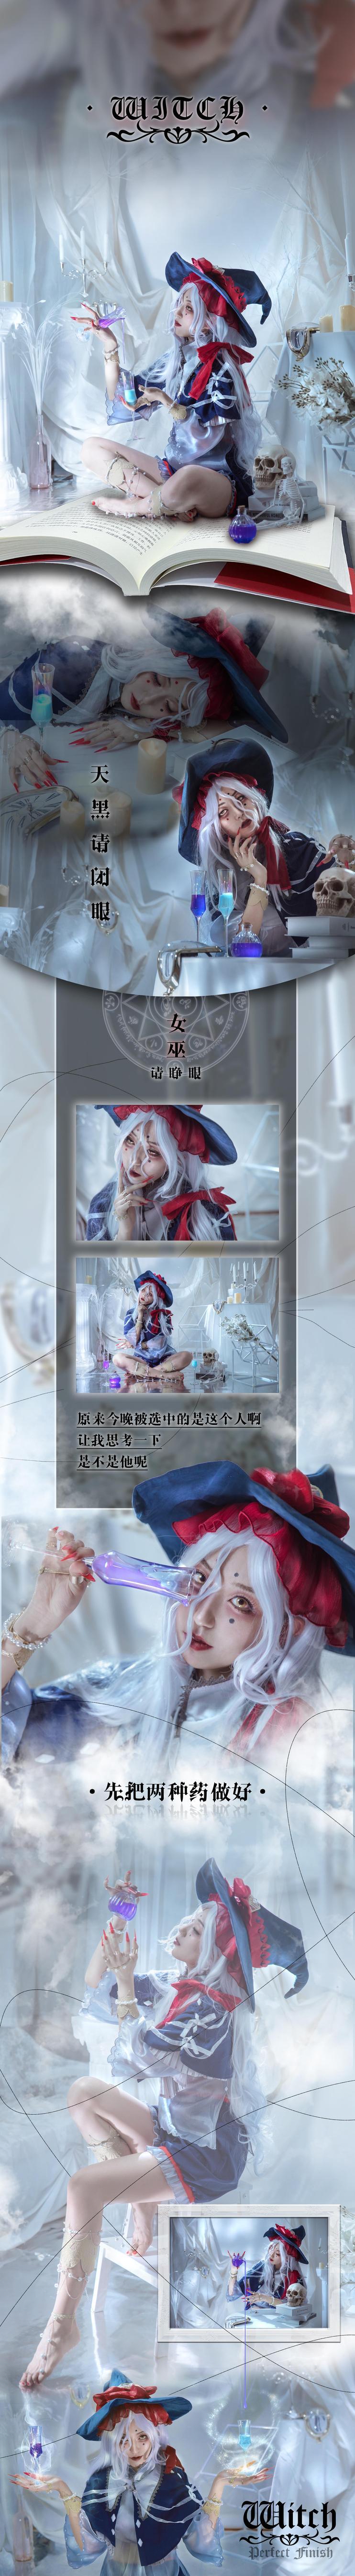 《狼人杀》正片cosplay【CN:婧子君今天不在_】-第2张